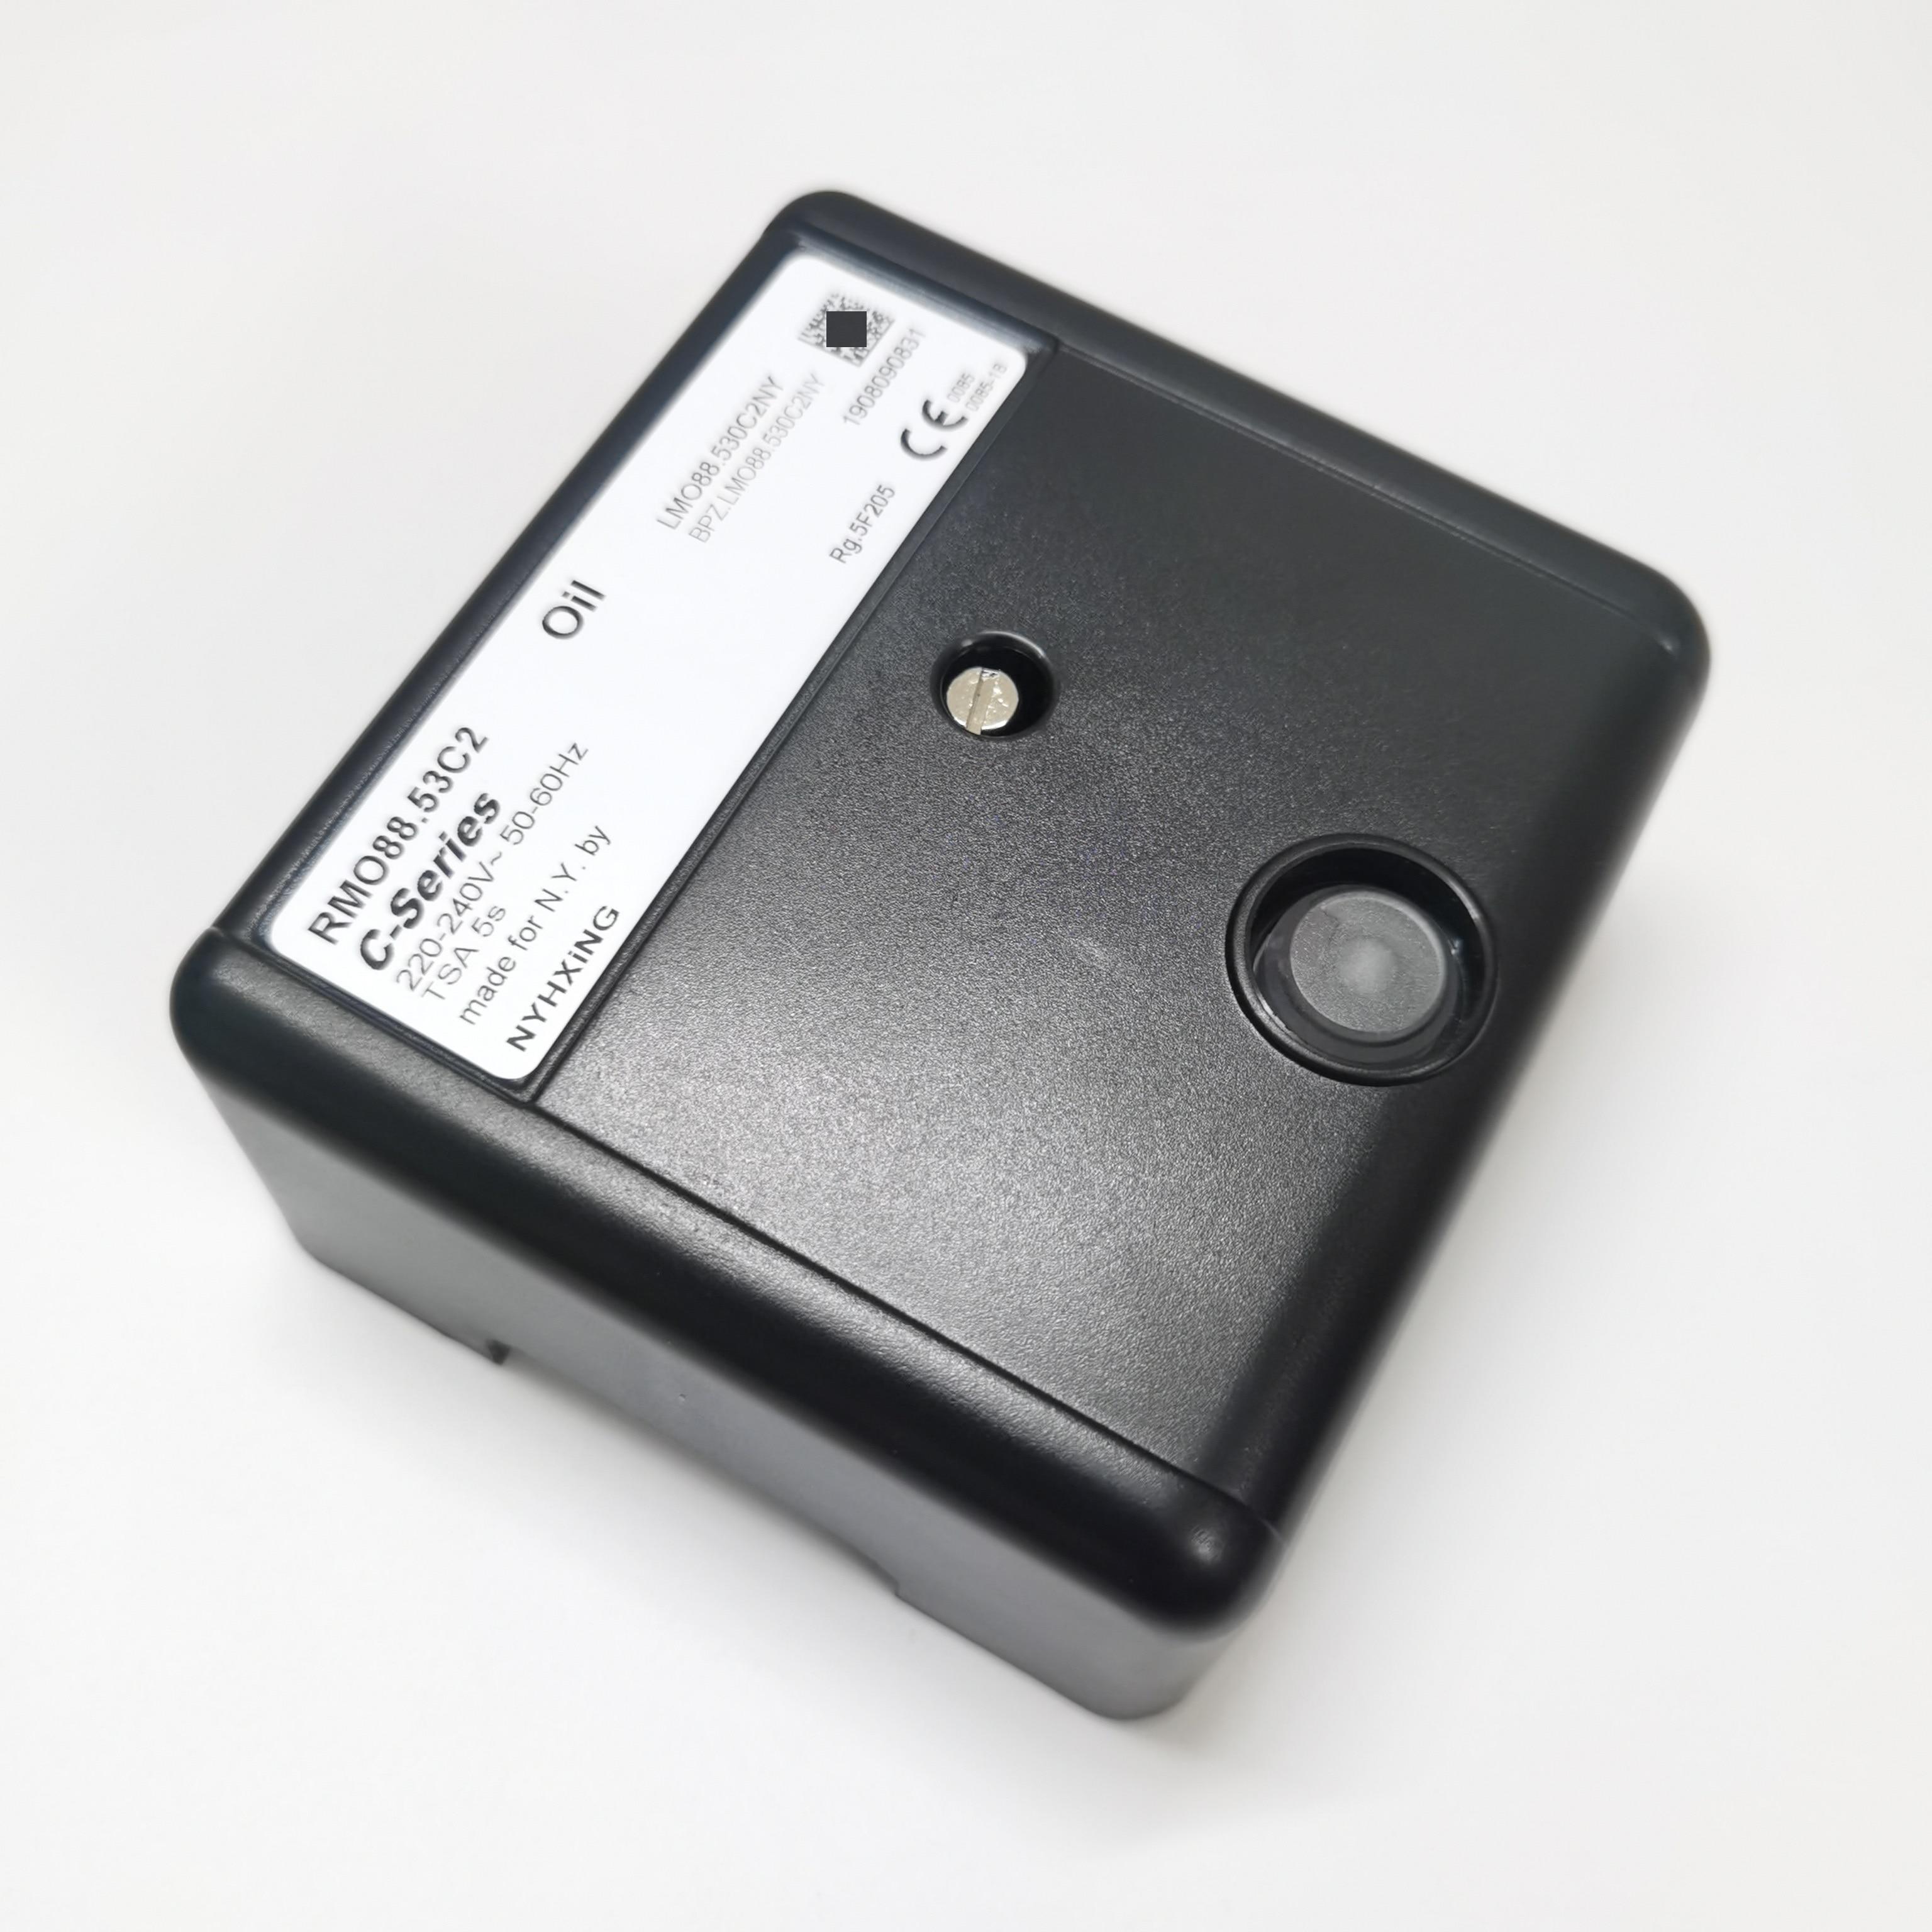 وحدة تحكم البرنامج المحلية RMO88.53C2